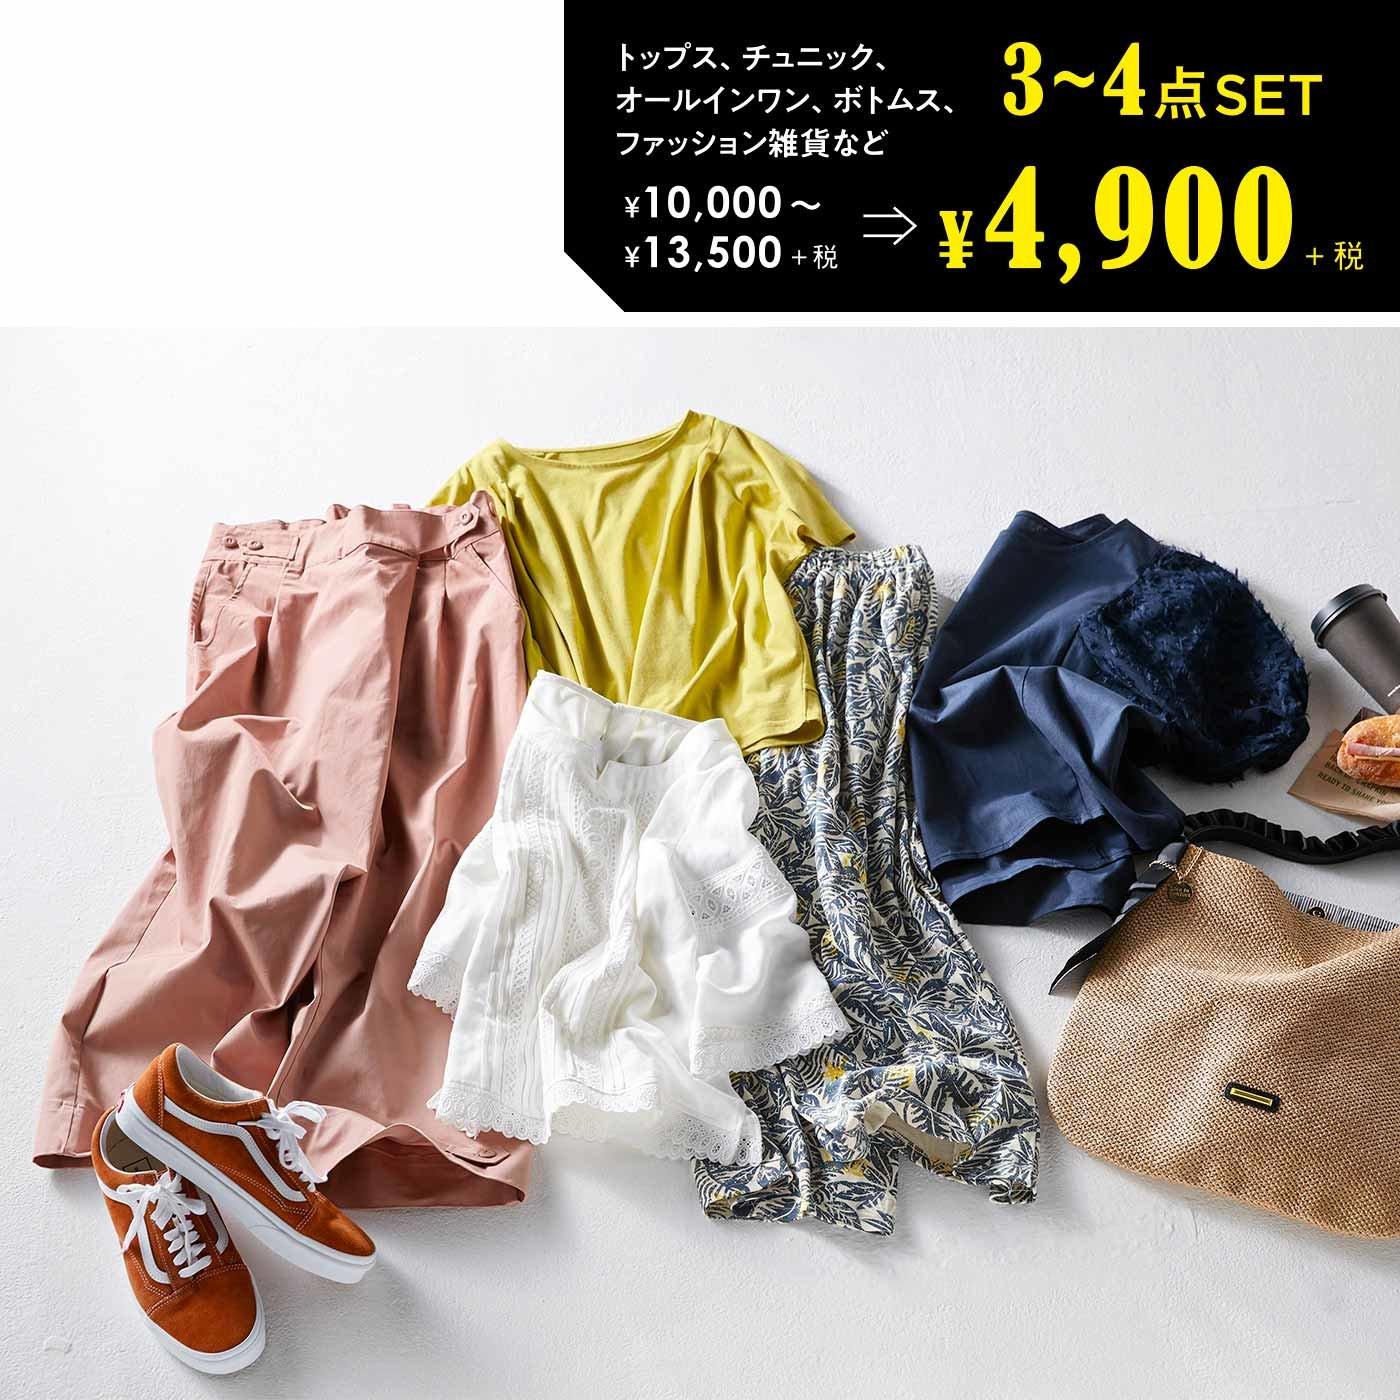 Live in comfort 夏のカジュアルファッションパック